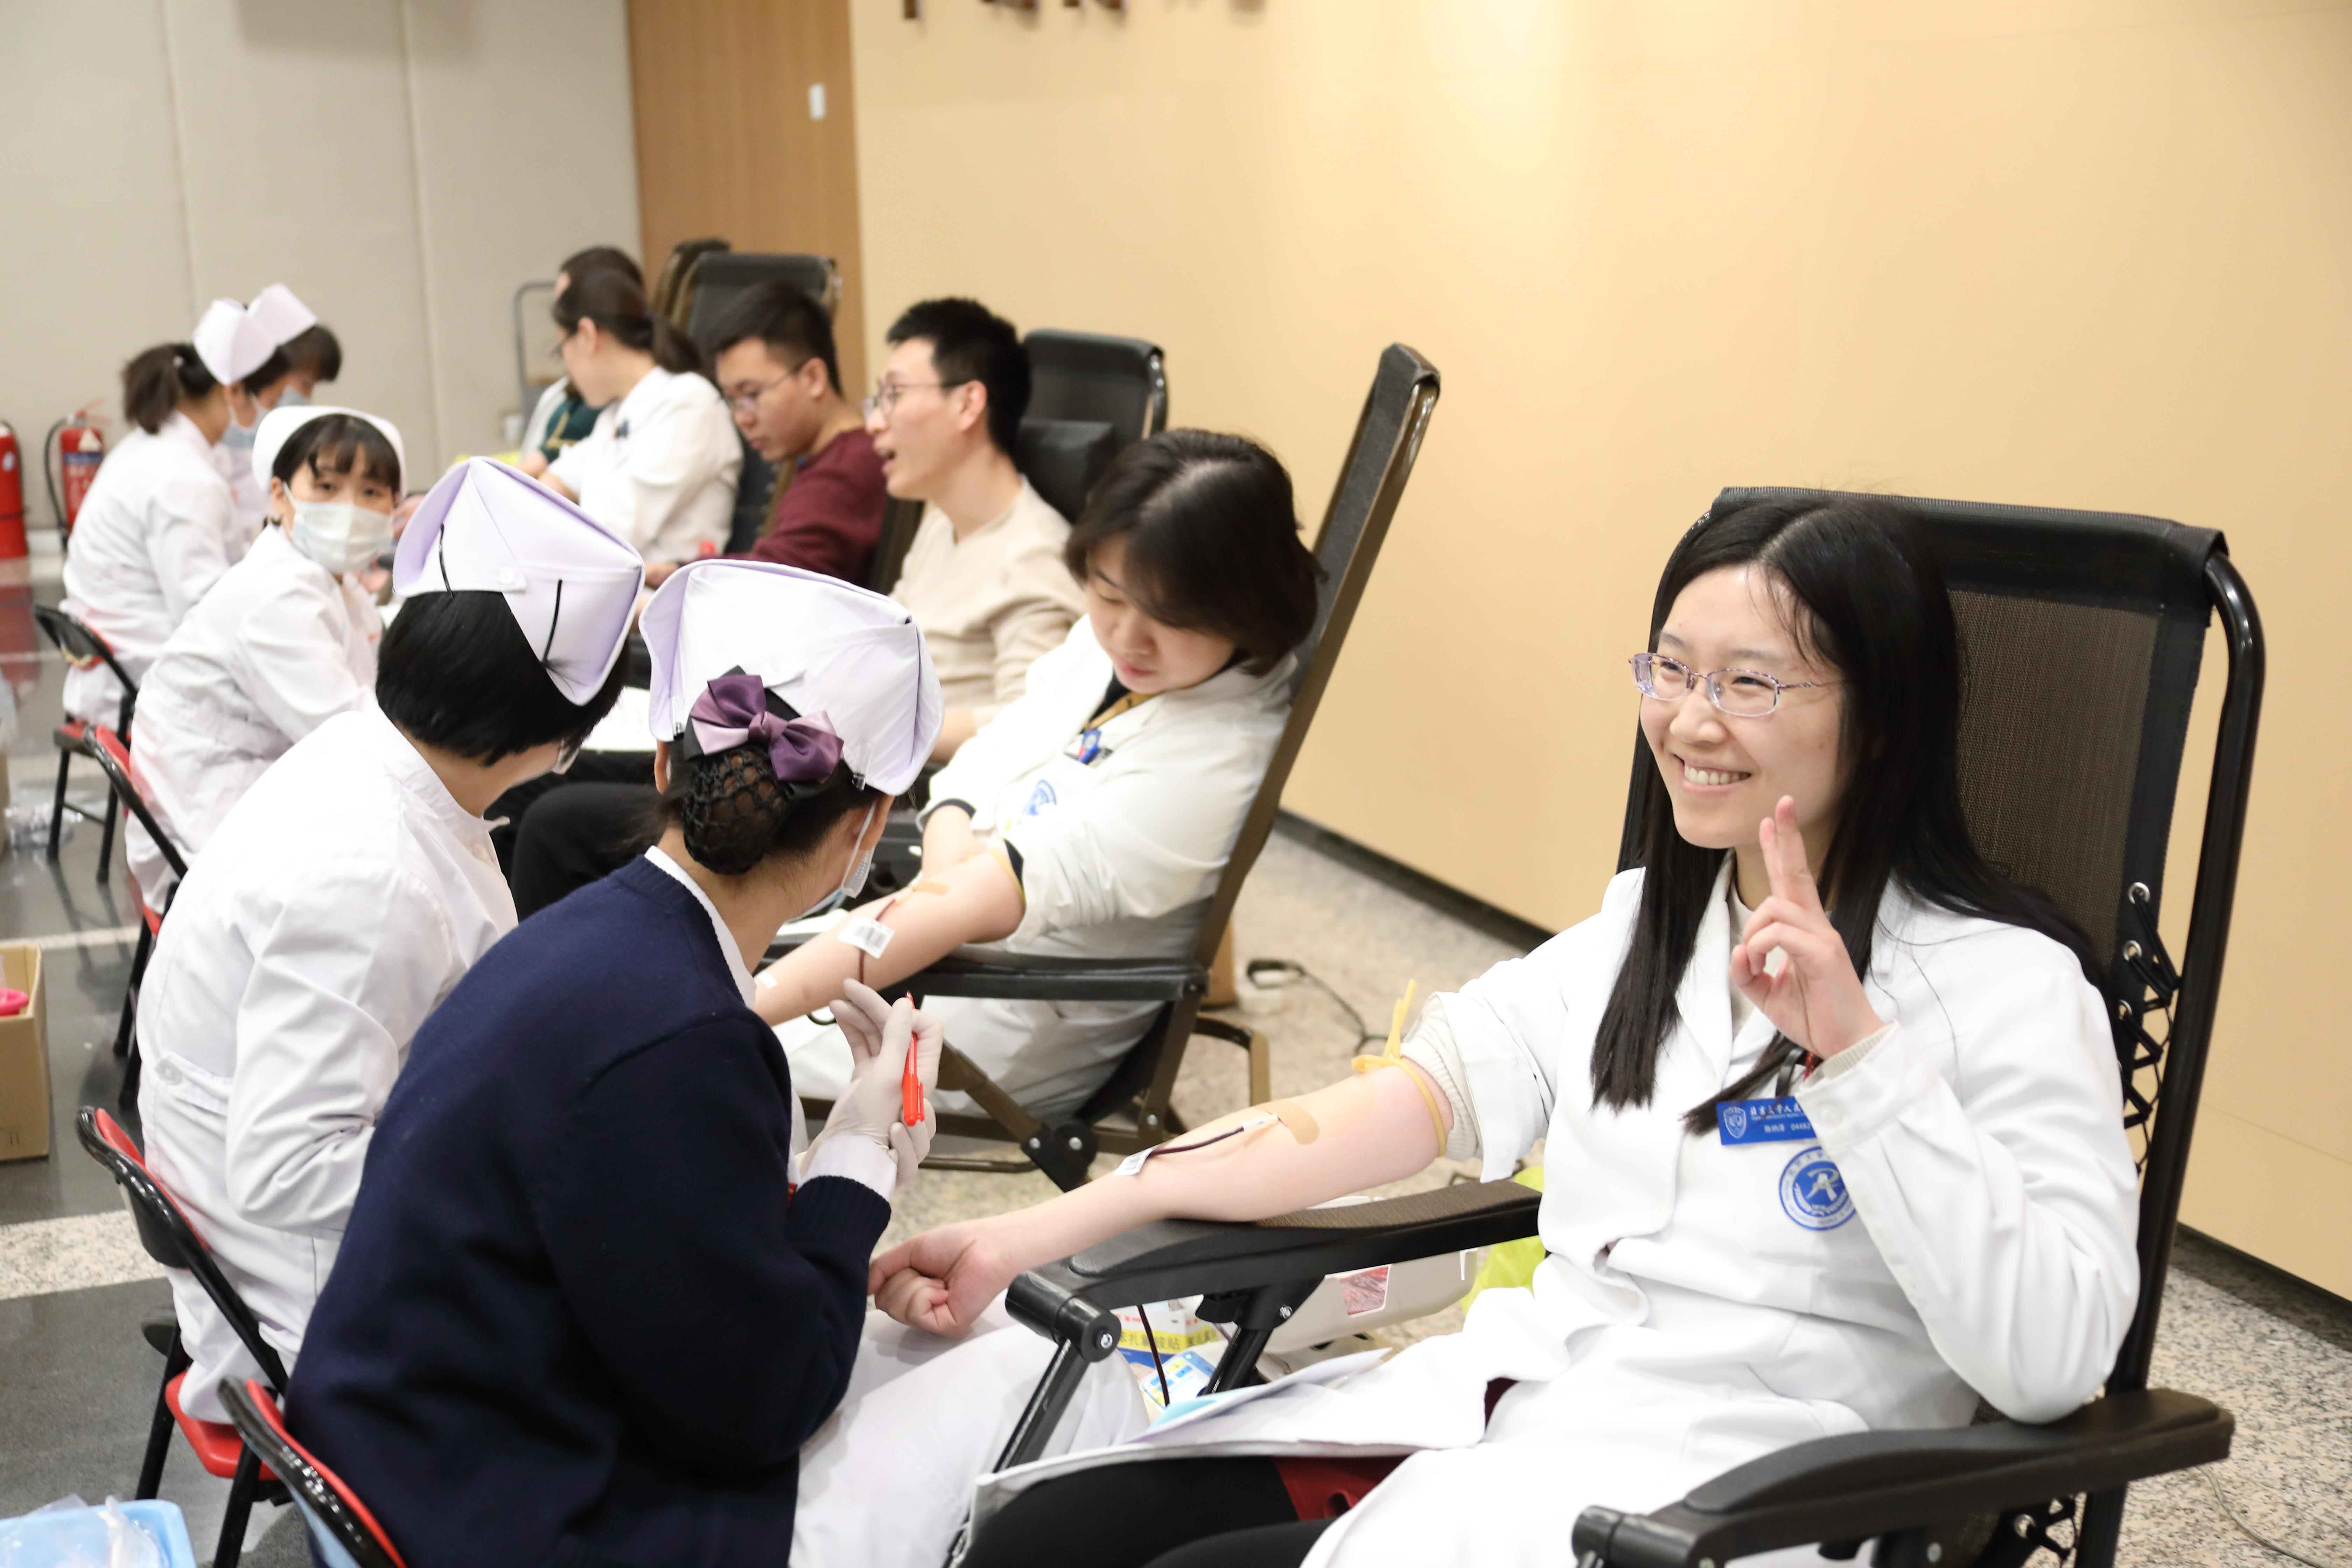 天使风采   87名北京大学人民医院职工无偿献血17400毫升